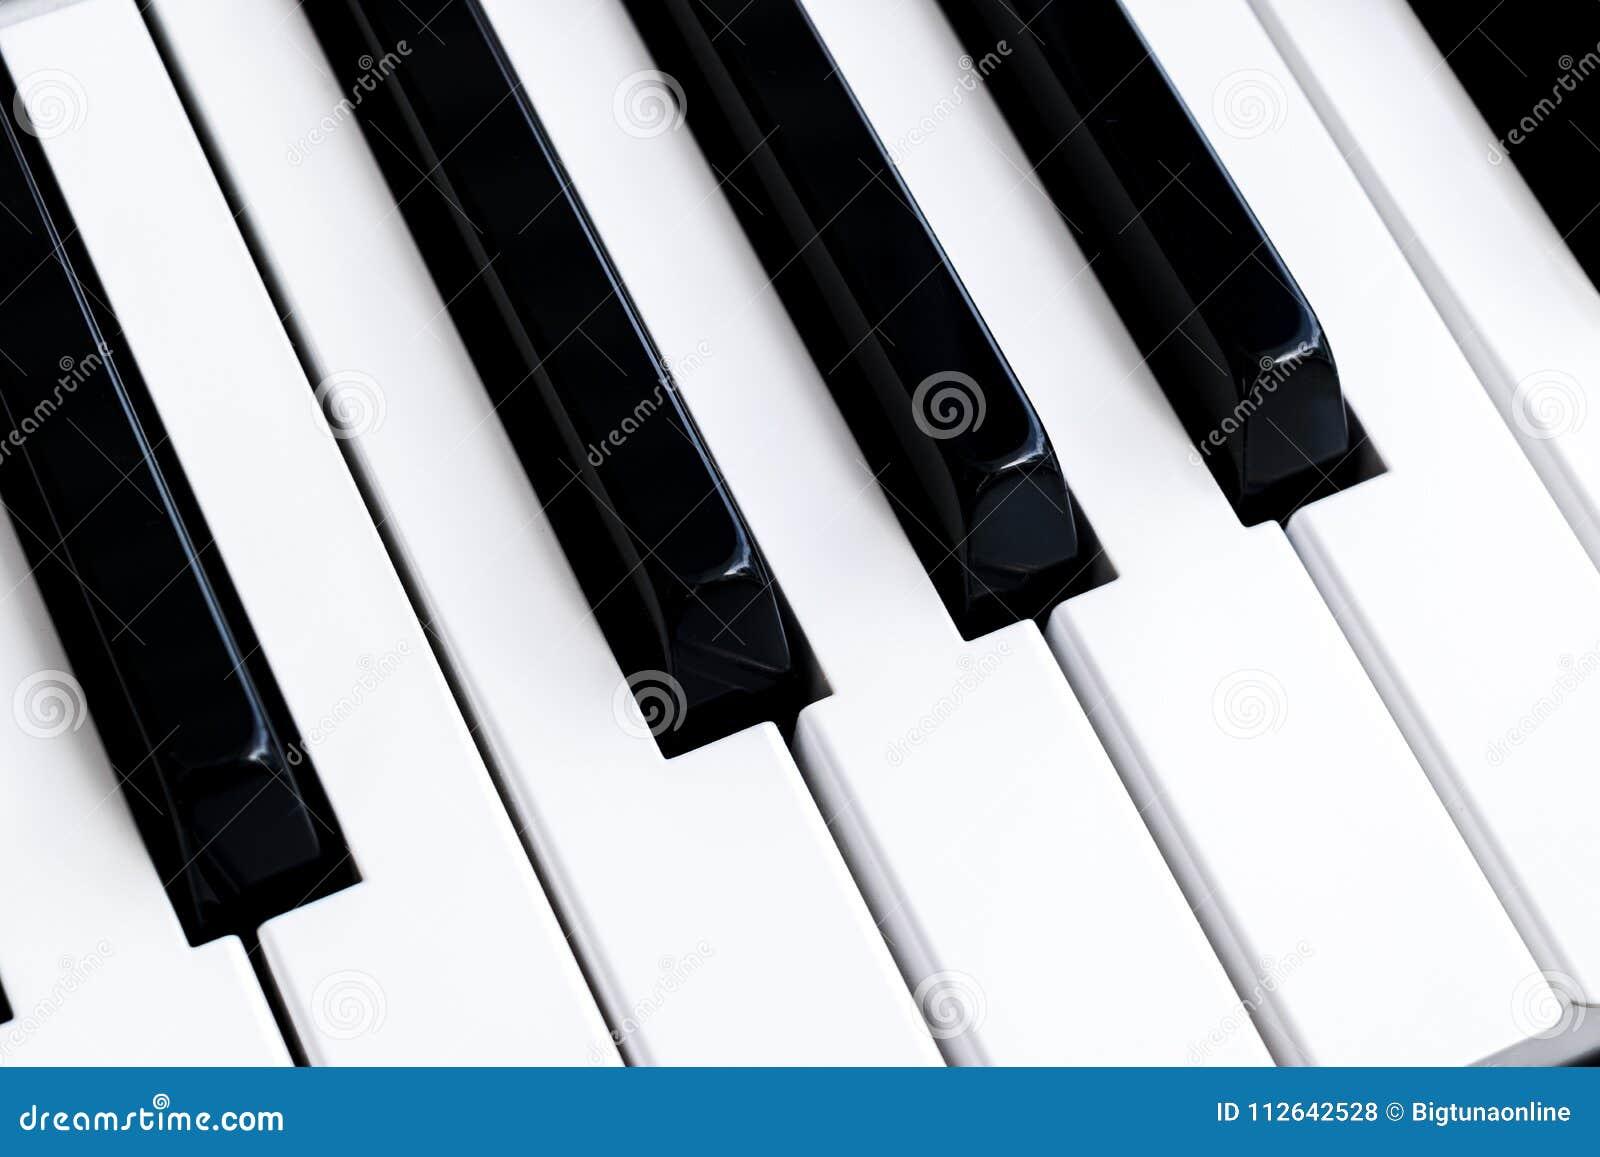 Ideia superior de chaves do piano Close-up de chaves do piano vista frontal próxima Teclado de piano com foco seletivo Vista diag